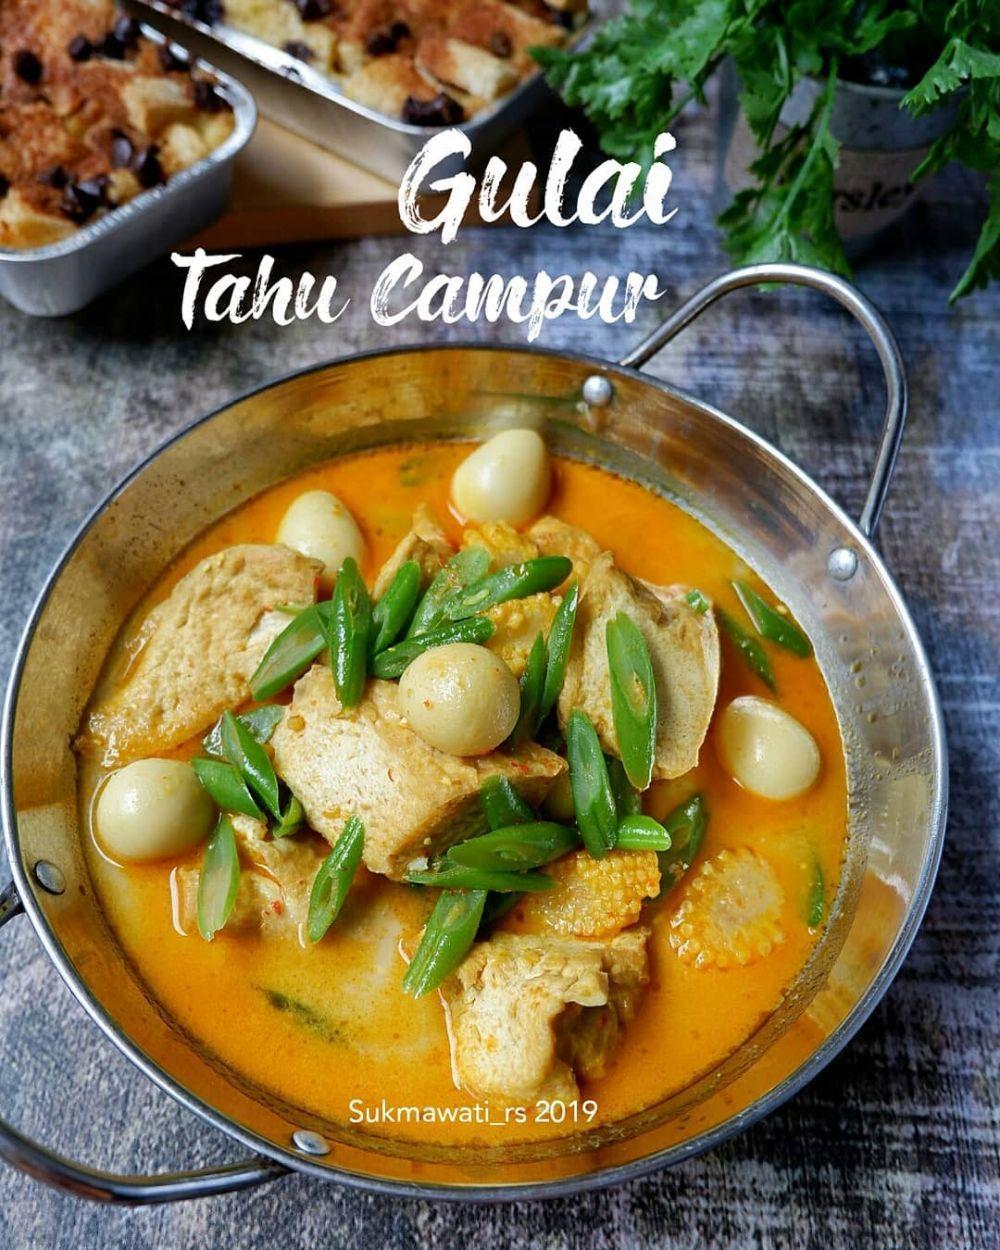 Resep Sayur Berkuah C 2020 Brilio Net Instagram Byviszaj Instagram Sarongsarie Resep Masakan Resep Masakan Sehat Resep